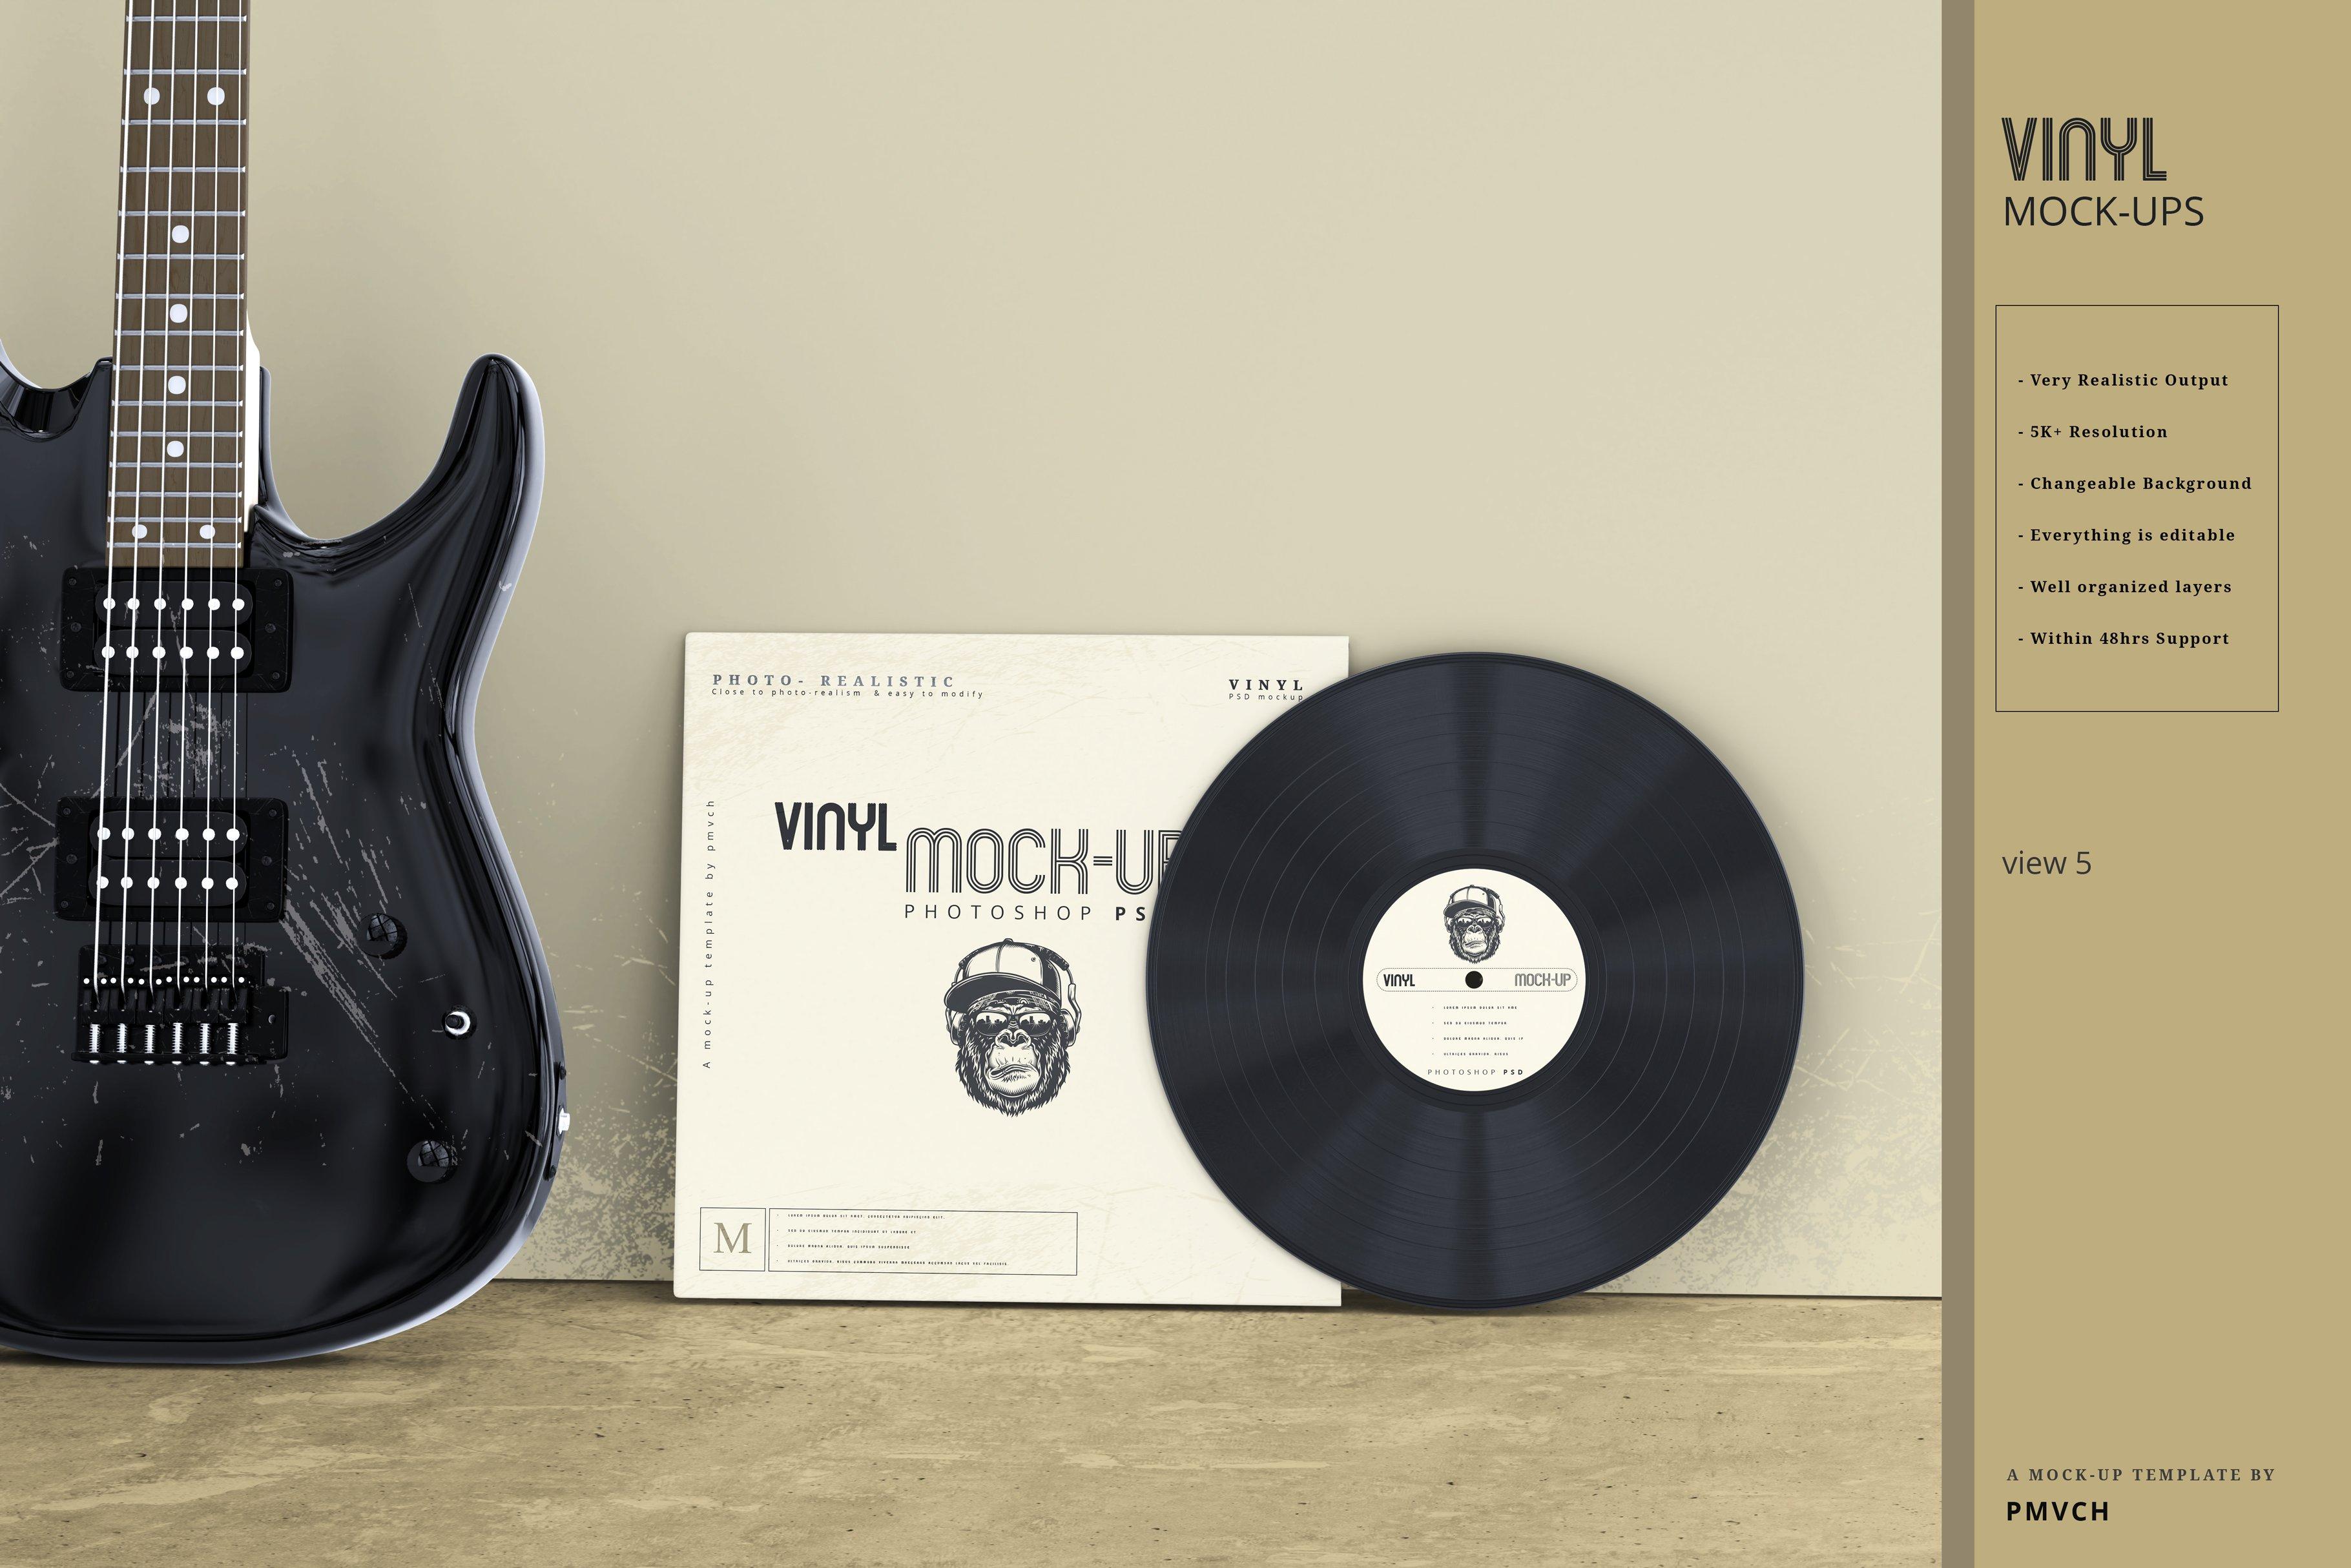 复古逼真黑胶唱片包装纸袋设计贴图样机模板 Vinyl Mockups插图(4)